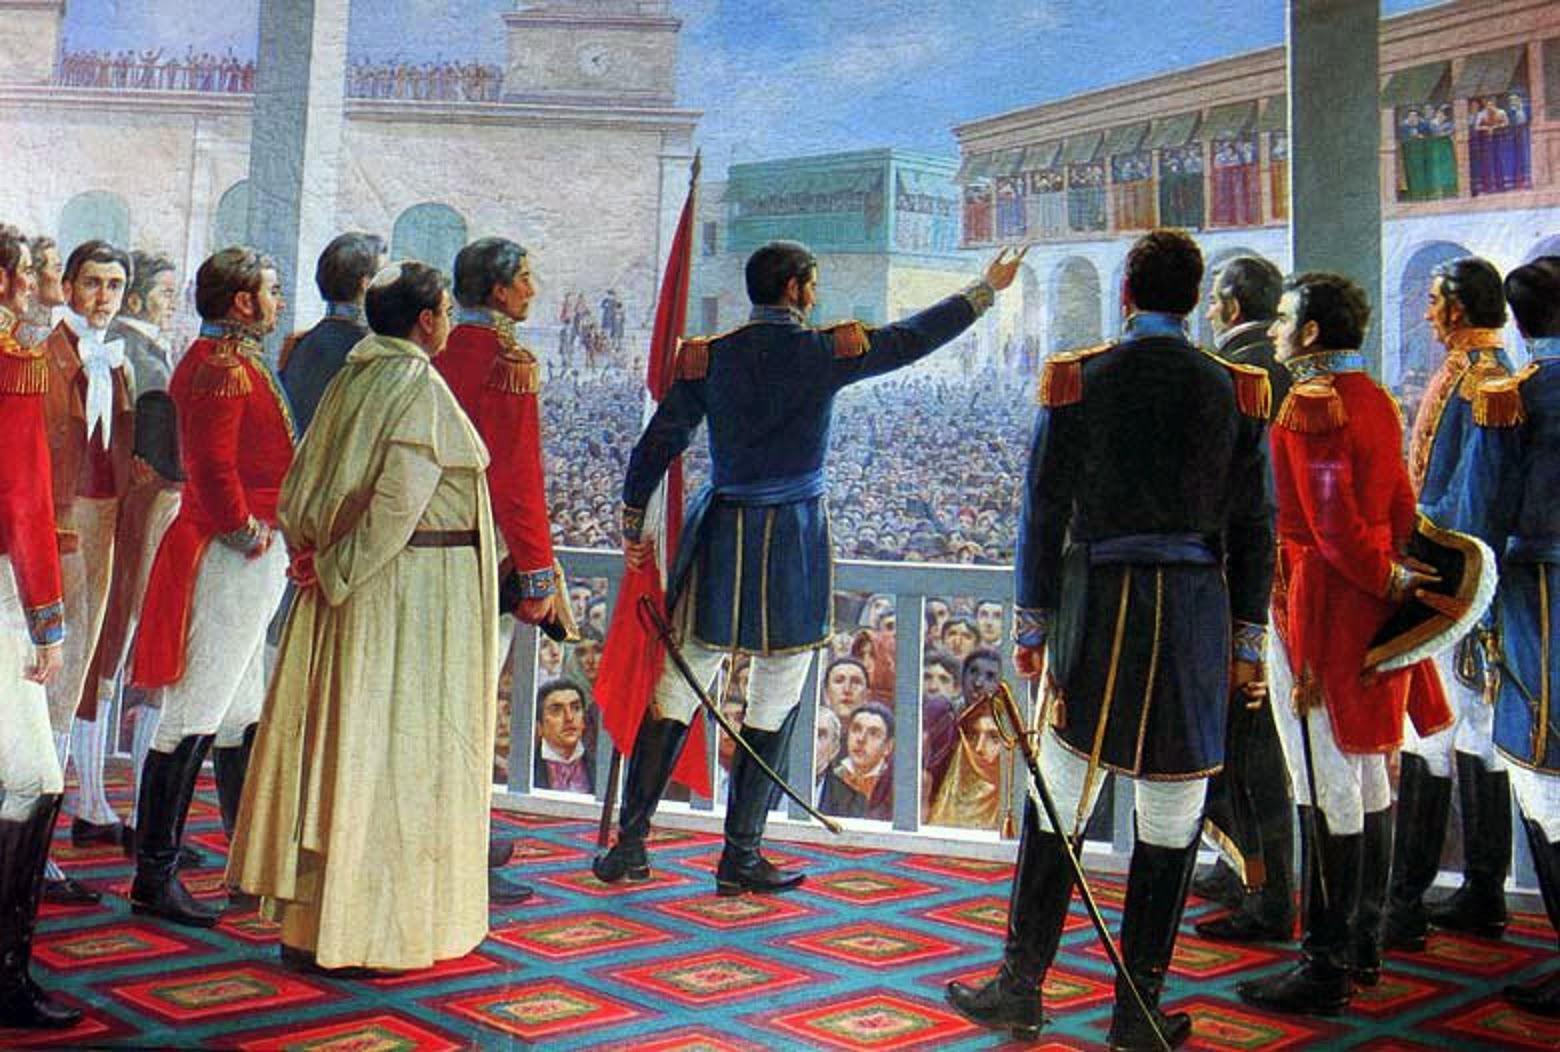 San Martín proclama la independencia del Perú en 1821.